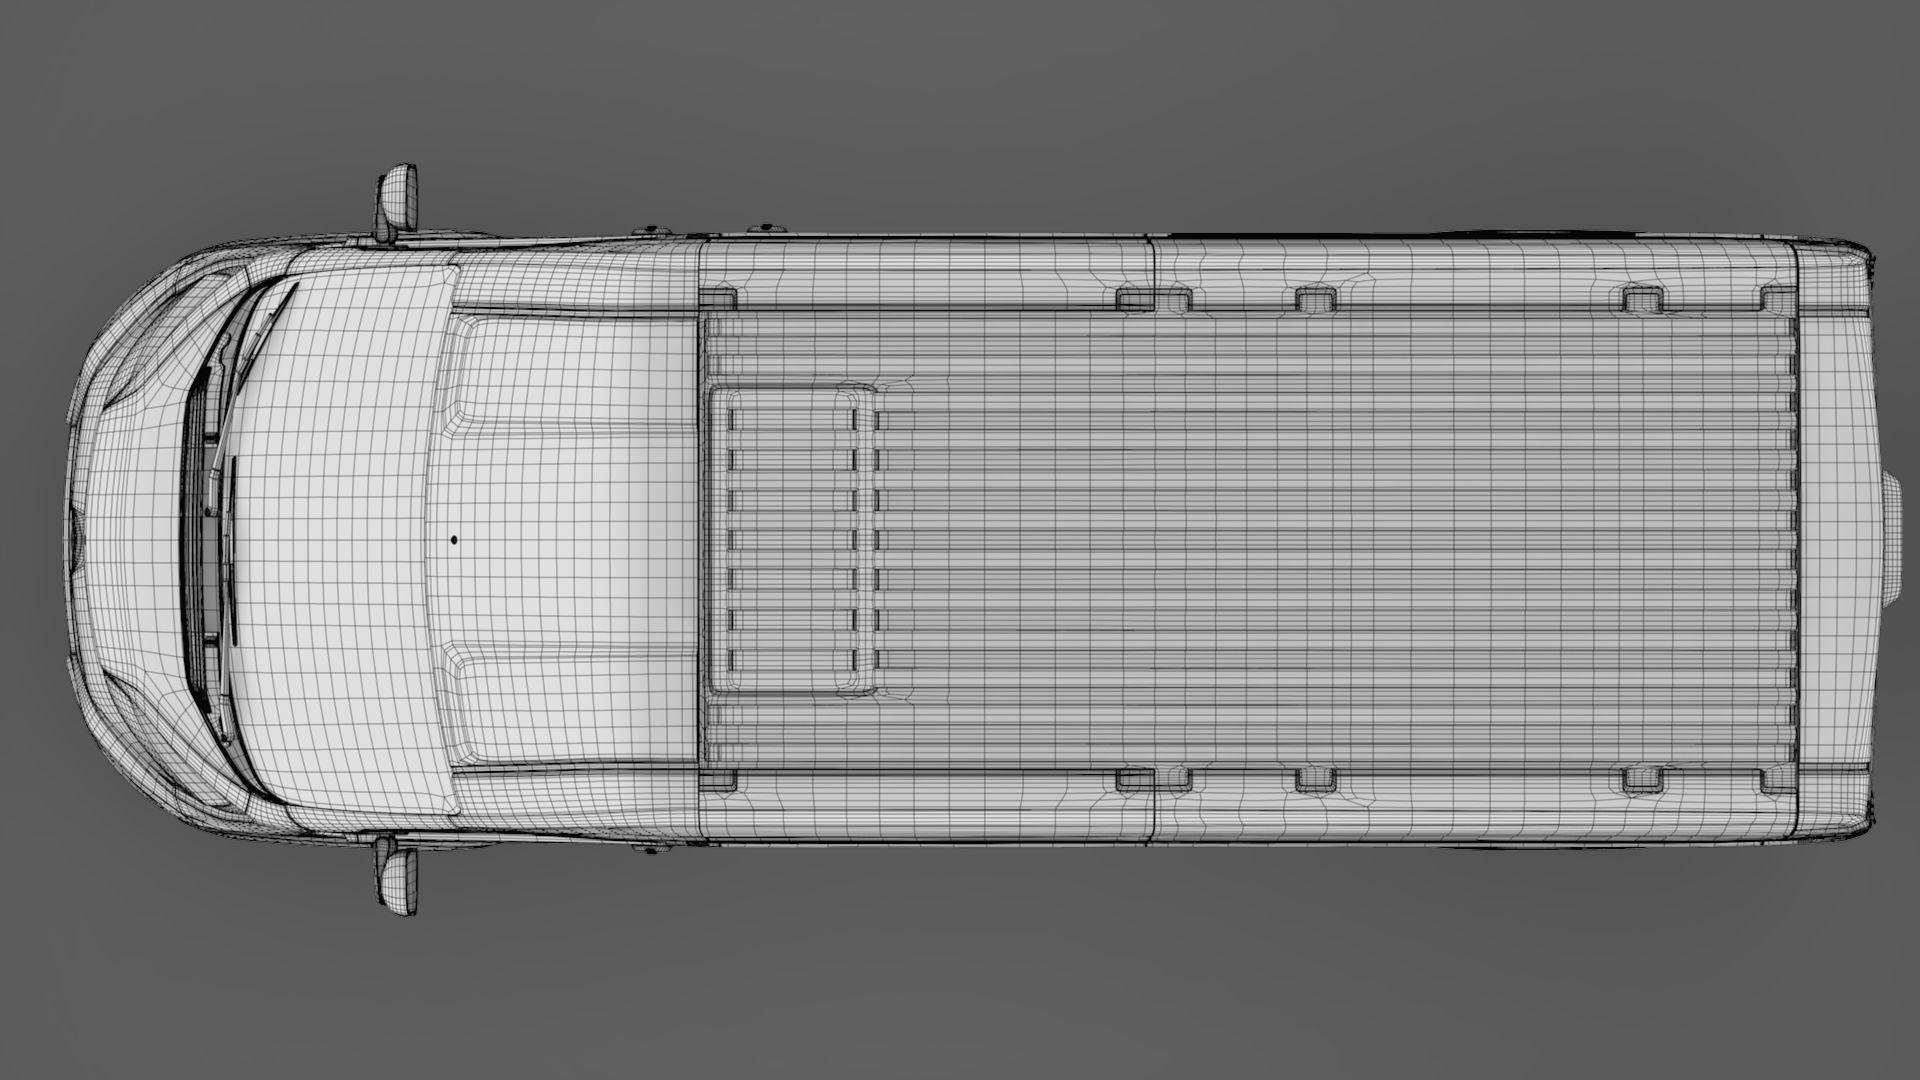 Citroen Relay Van L3h3 2017 3d Model Max Obj 3ds Fbx C4d Lwo Lw Lws 24 Creatividad